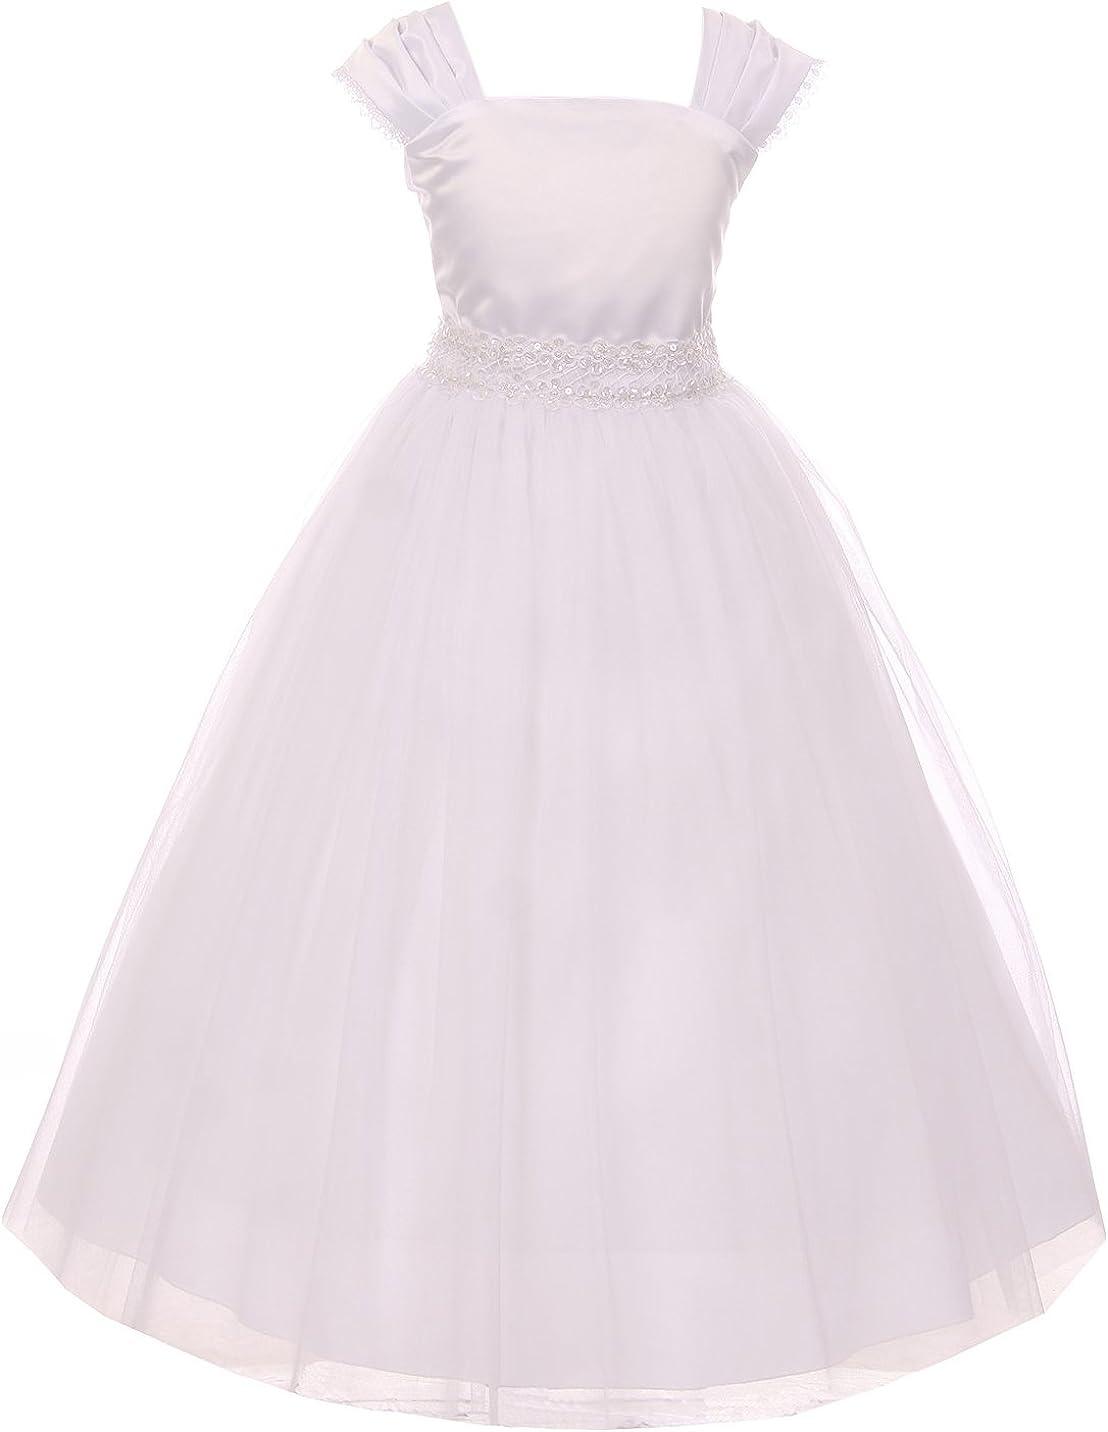 Flower Girl Cap Sleeved Big Girls White Dress First Holy Communion